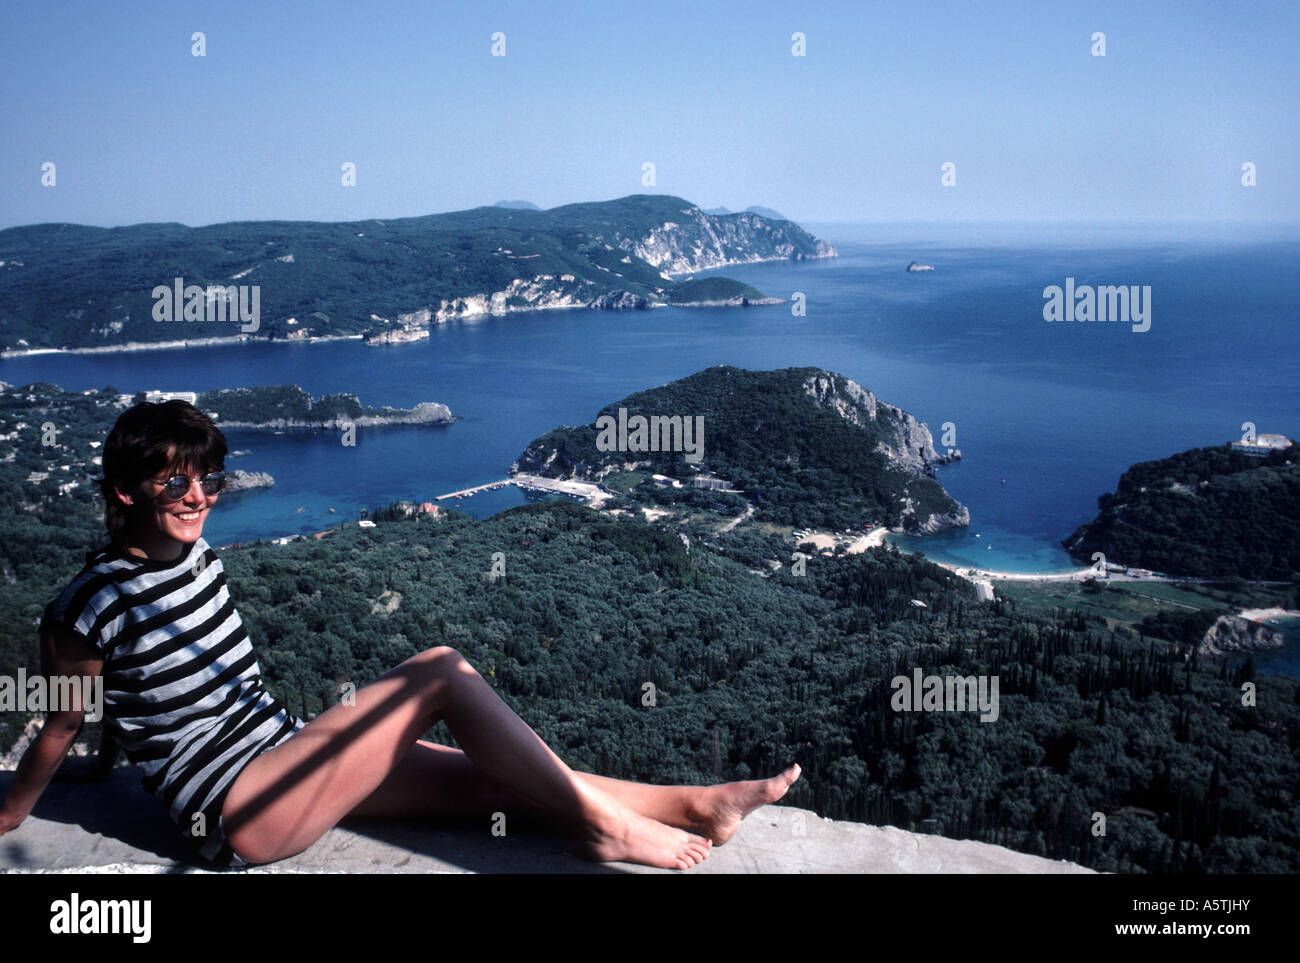 Sunbather Lakonnes overlooking Paleokastritsa Corfu Greece - Stock Image